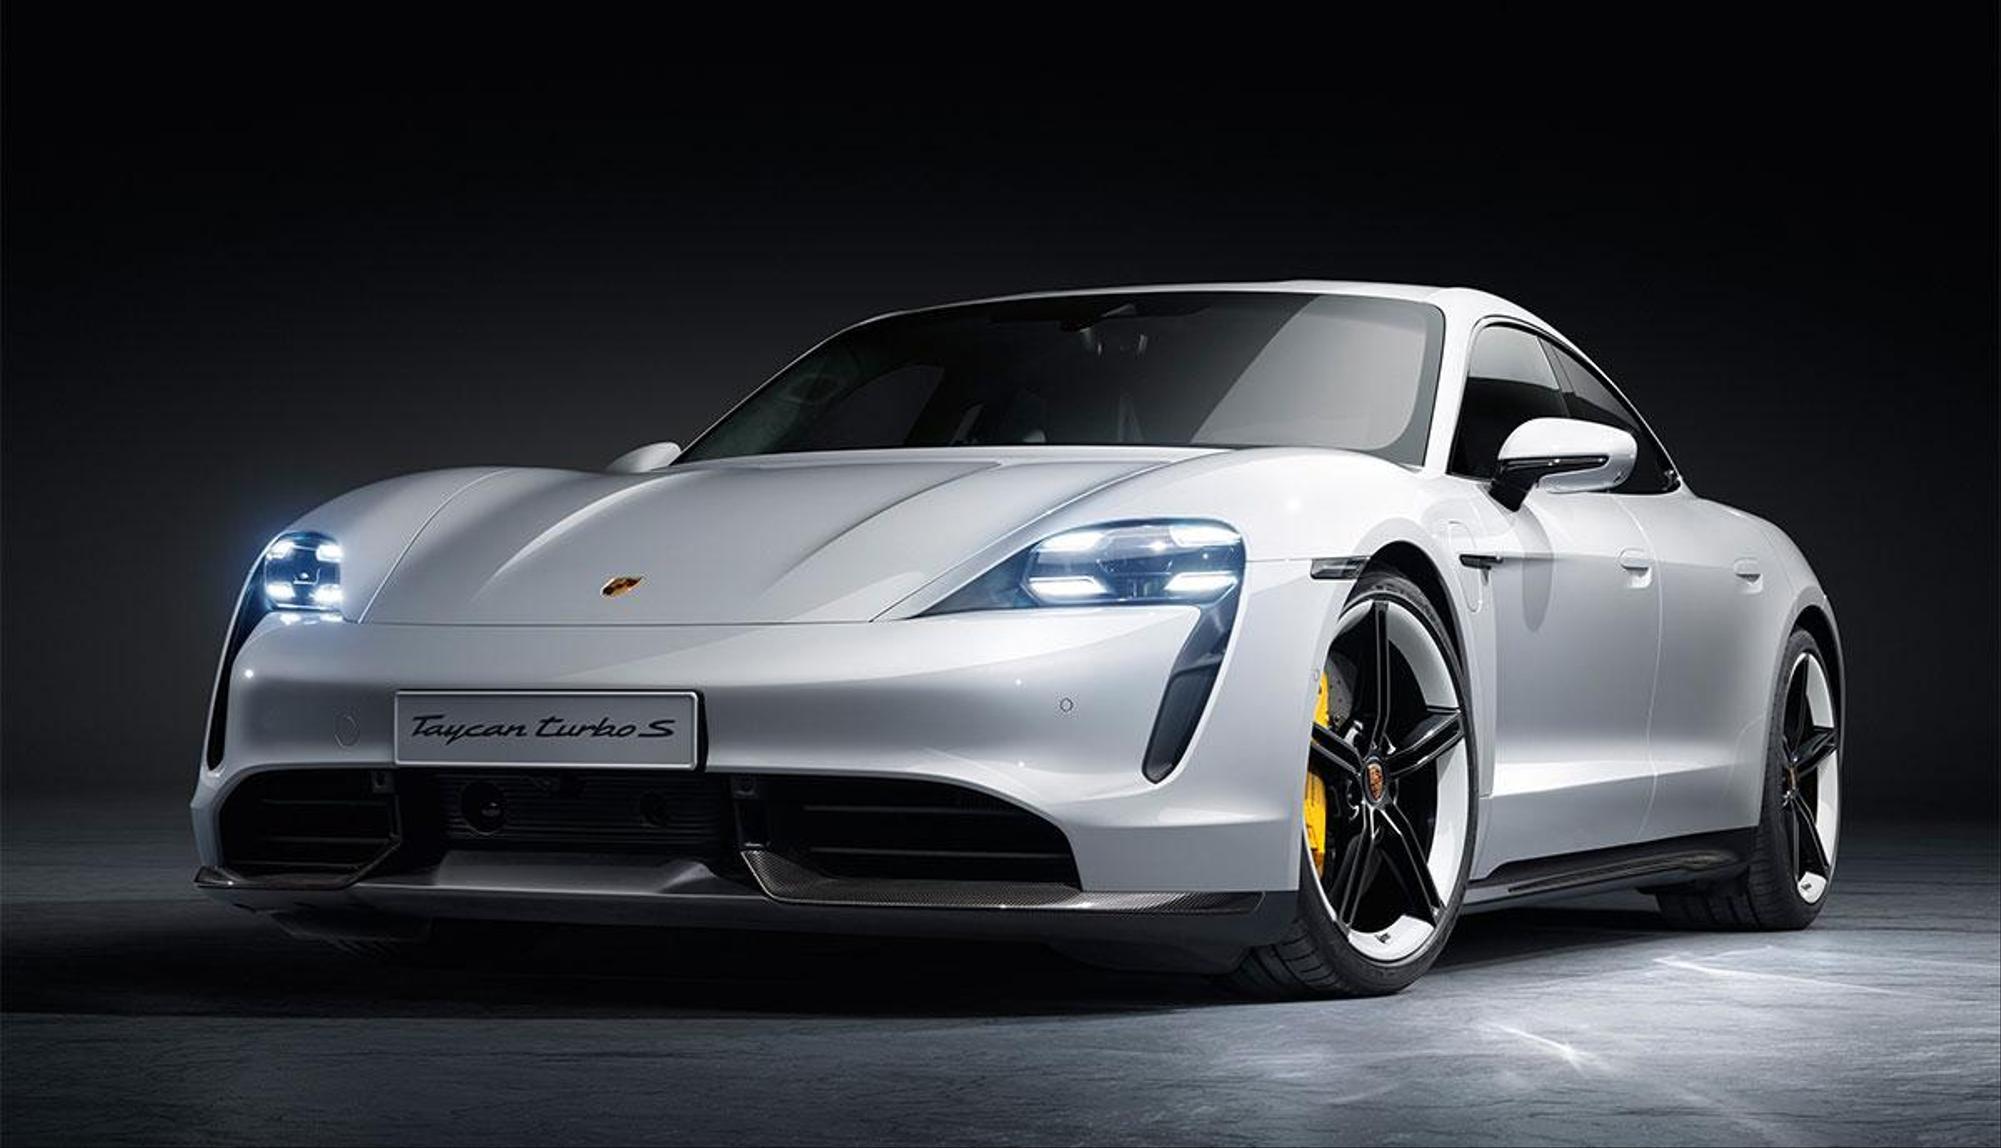 Porsche Taycan Turbo S. Avec une puissance de 761 ch (560 kW), la Porsche Taycan S passe de zéro à 100 en 2,8 secondes. Comparée à d'autres hypercars, la Taycan Turbo S est une aubaine à 225 300 francs. Porsche